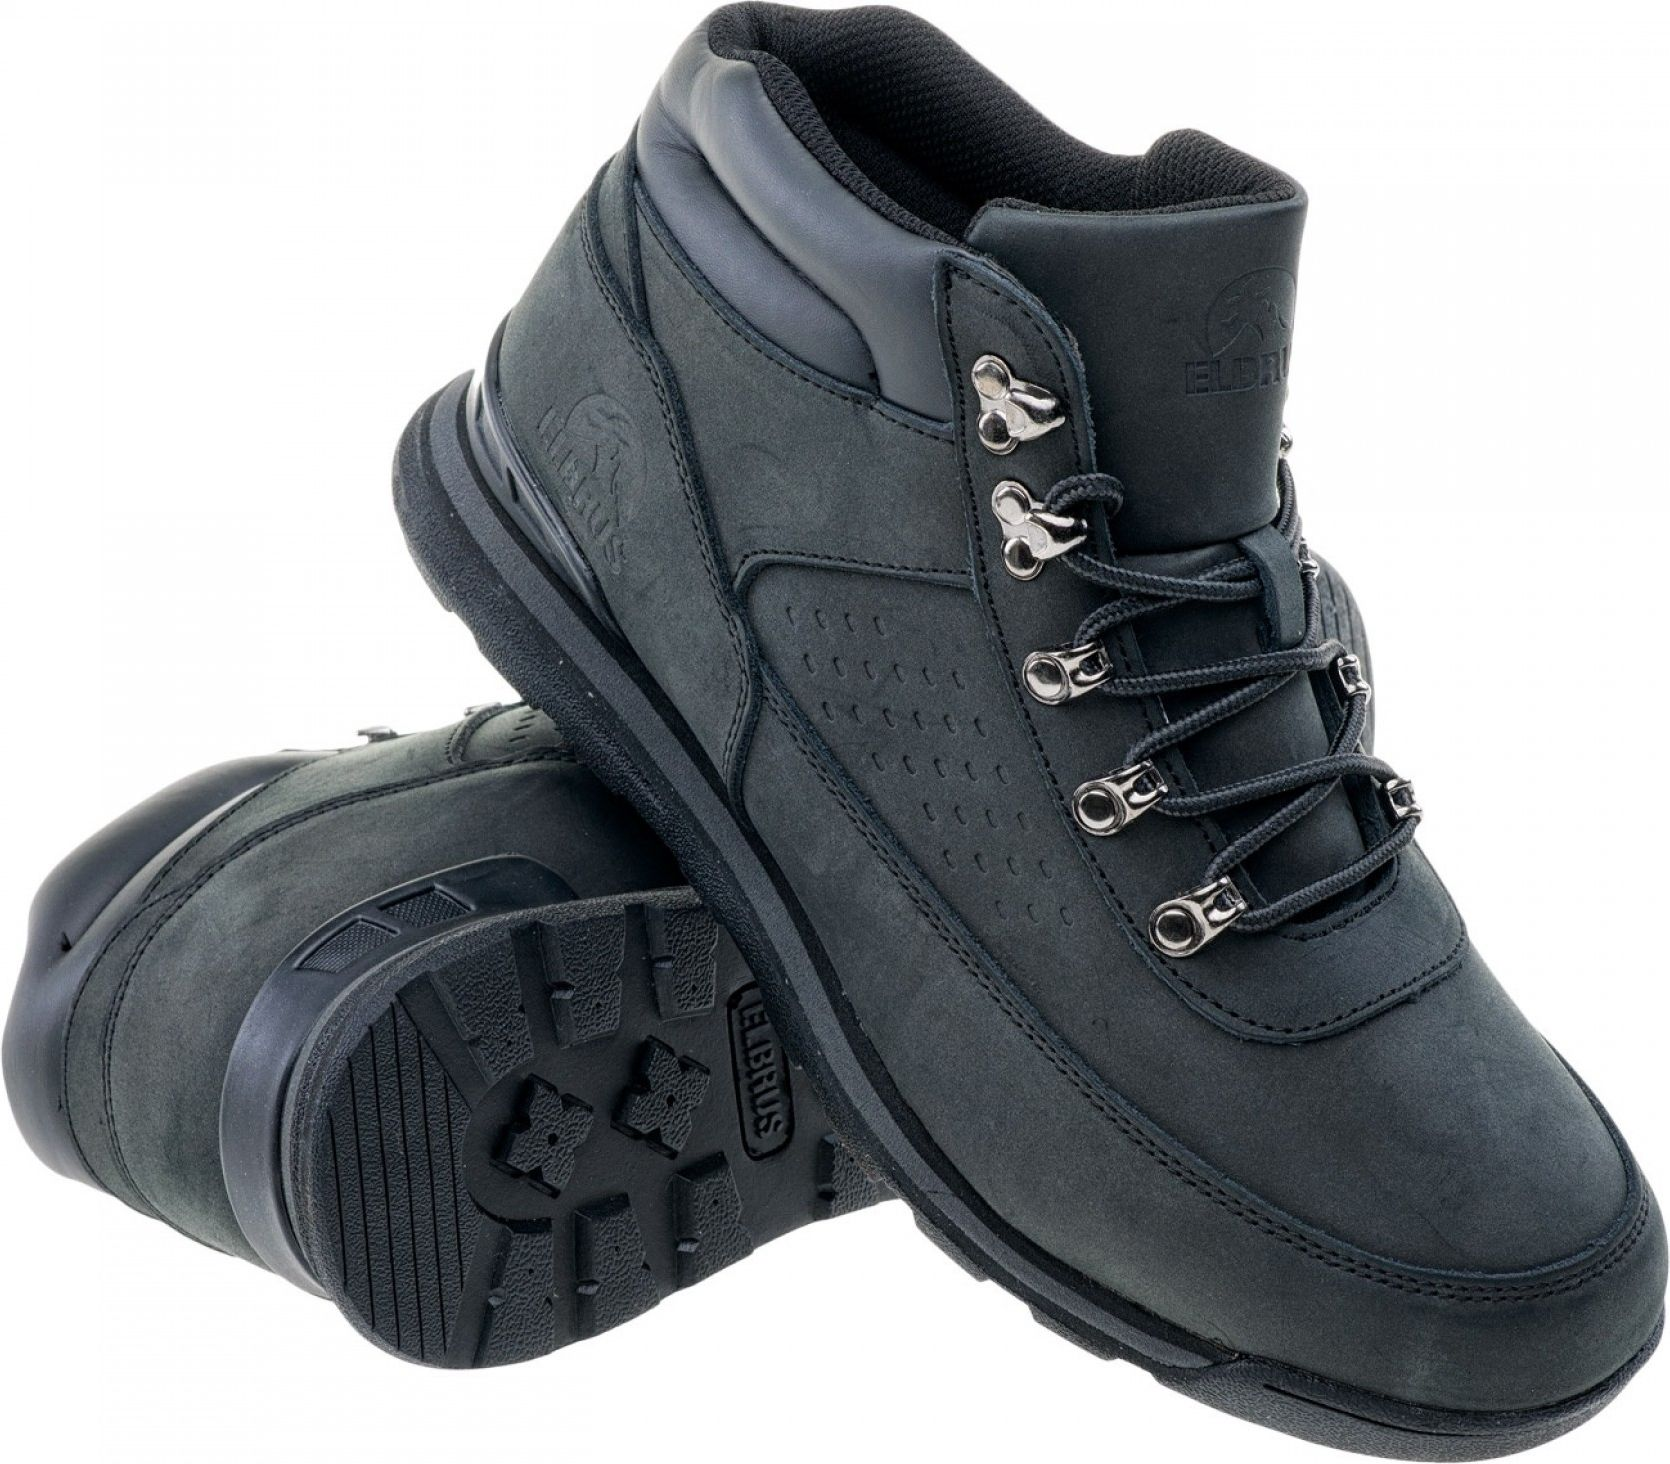 Elbrus Buty meskie Kalem Mid Black r. 42 5902786063598 Tūrisma apavi